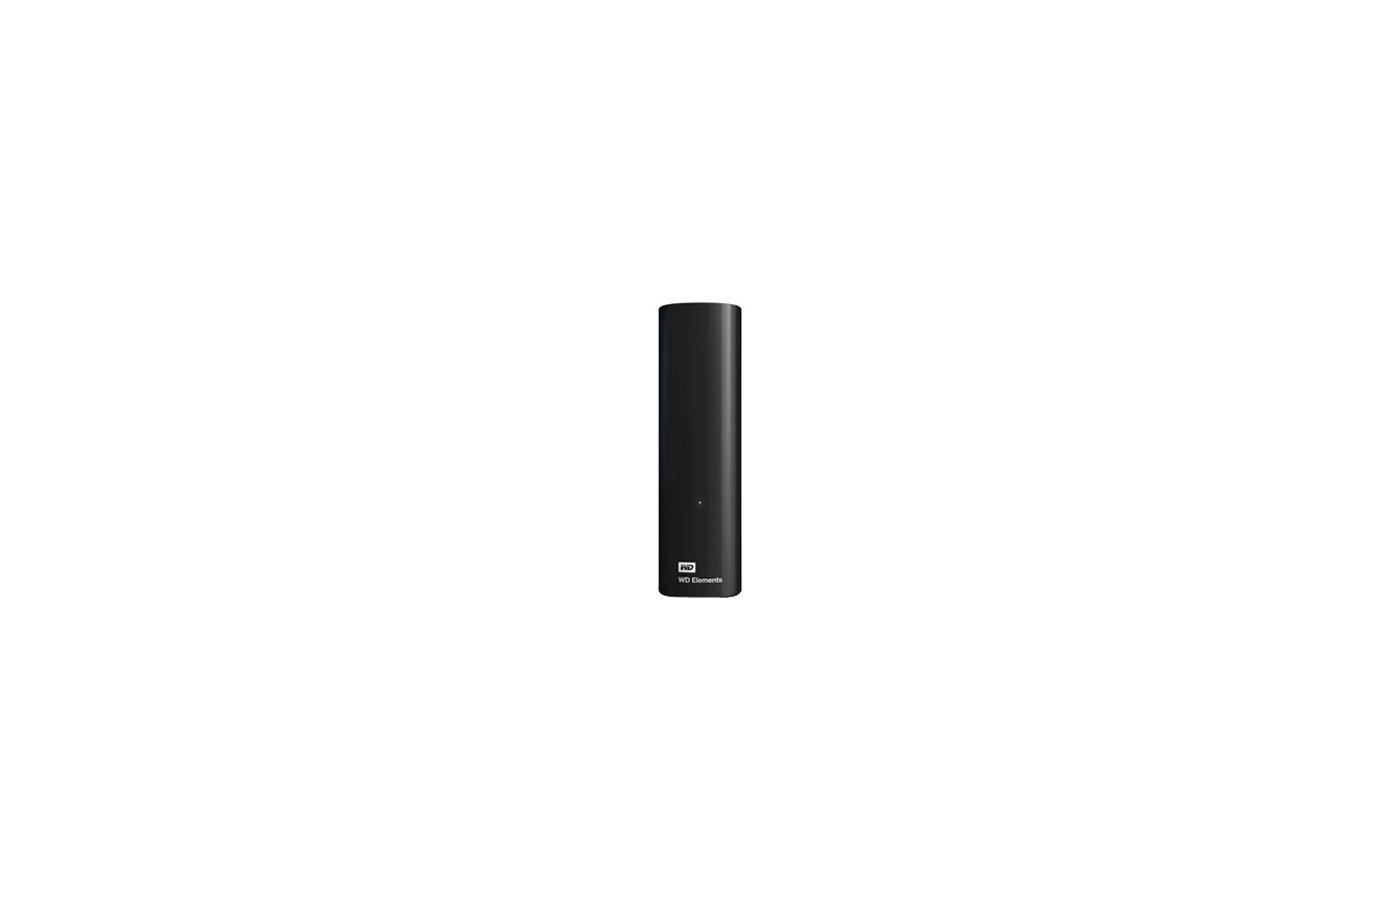 Внешний жесткий диск Western Digital WDBWLG0030HBK-EESN USB 3.0 3Tb Elements Desktop 3.5 черный